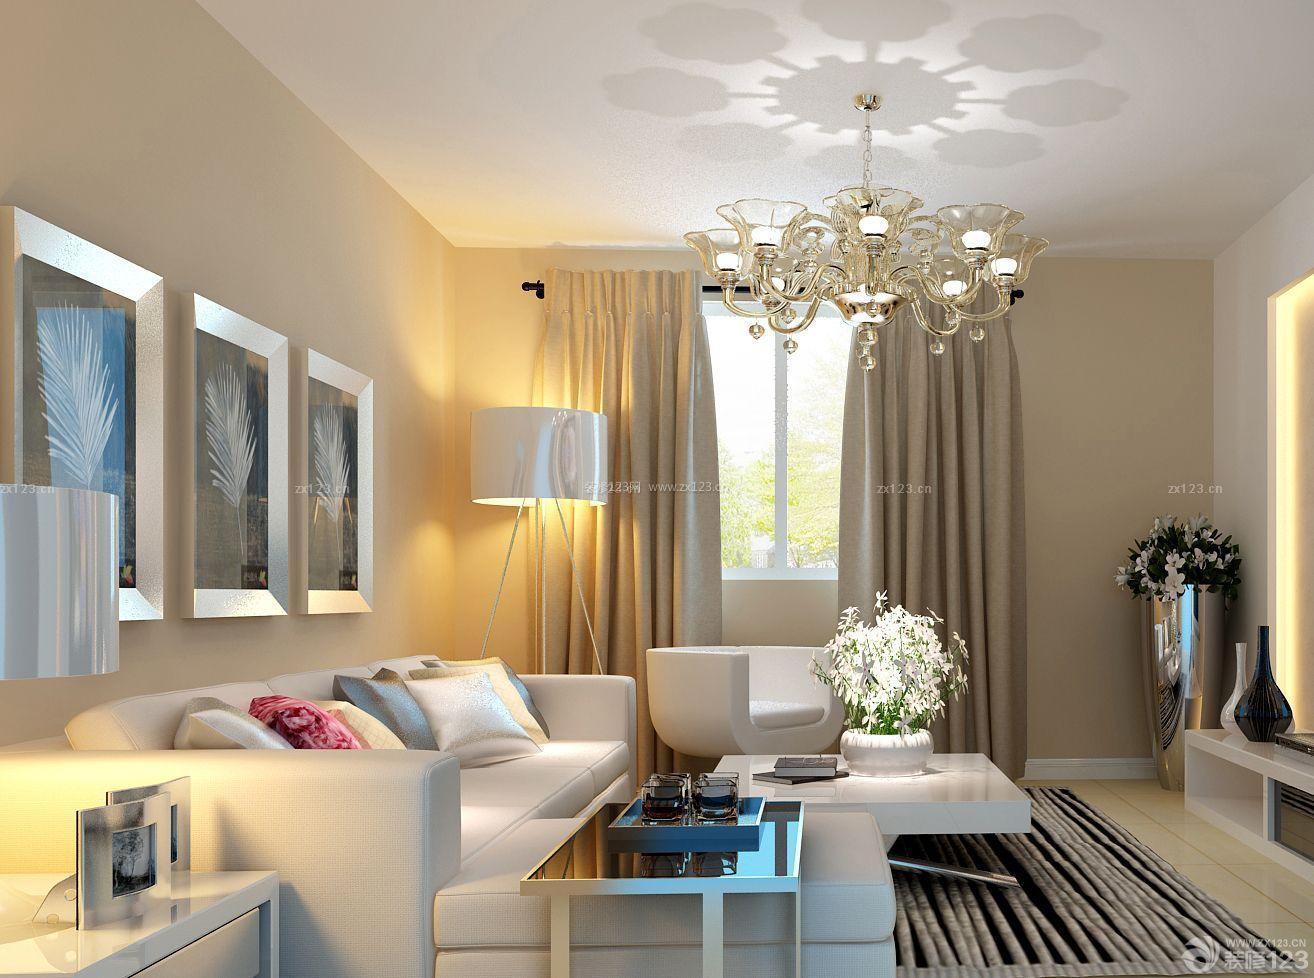 北欧风格一室一厅客厅装修样板房